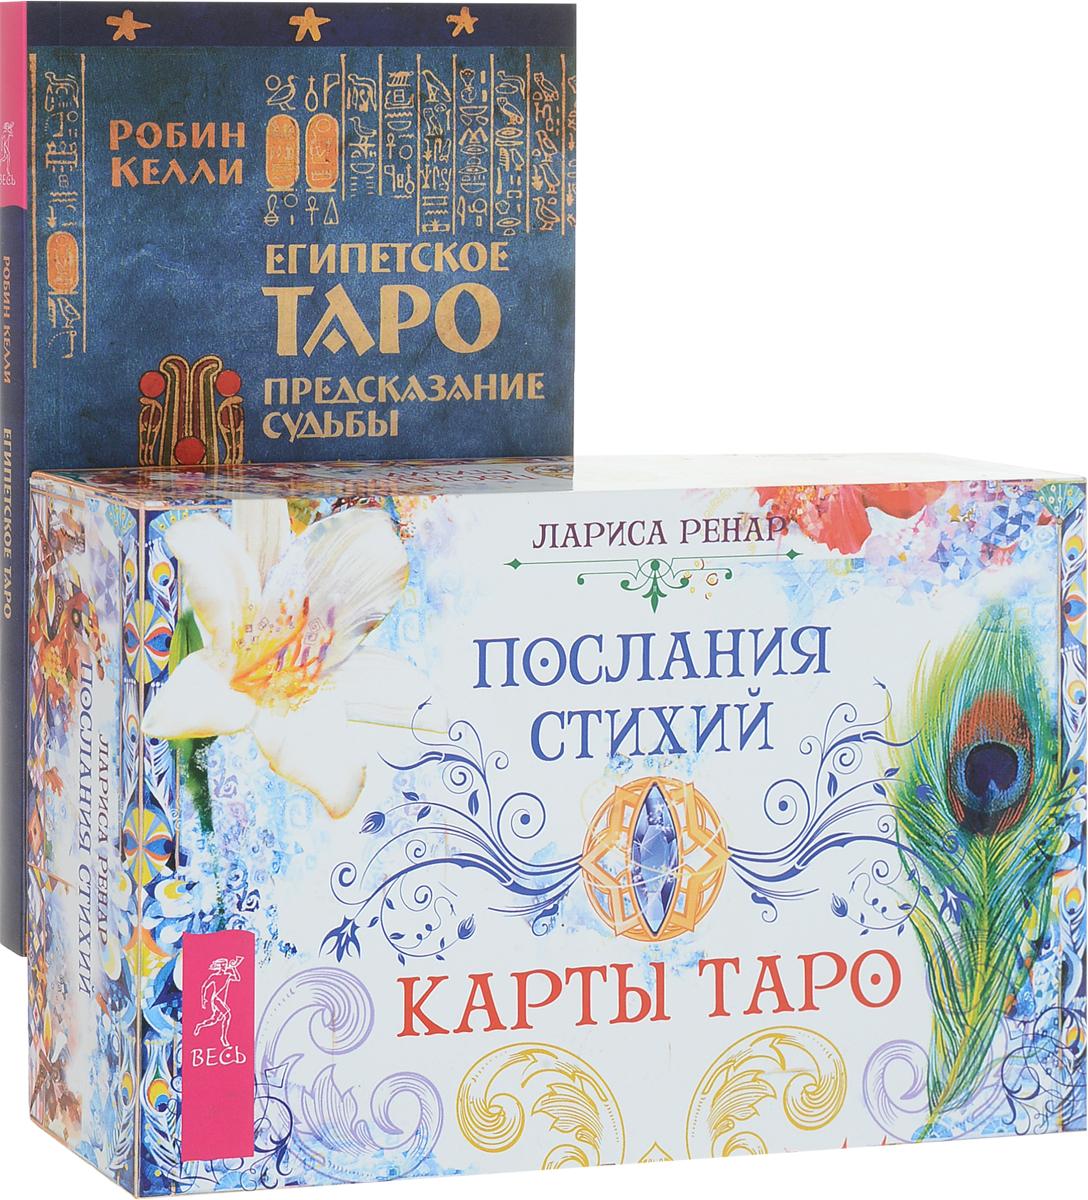 Лариса Ренар, Робин Келли Послания стихий. Египетское Таро (комплект из 2 книг + колода карт)